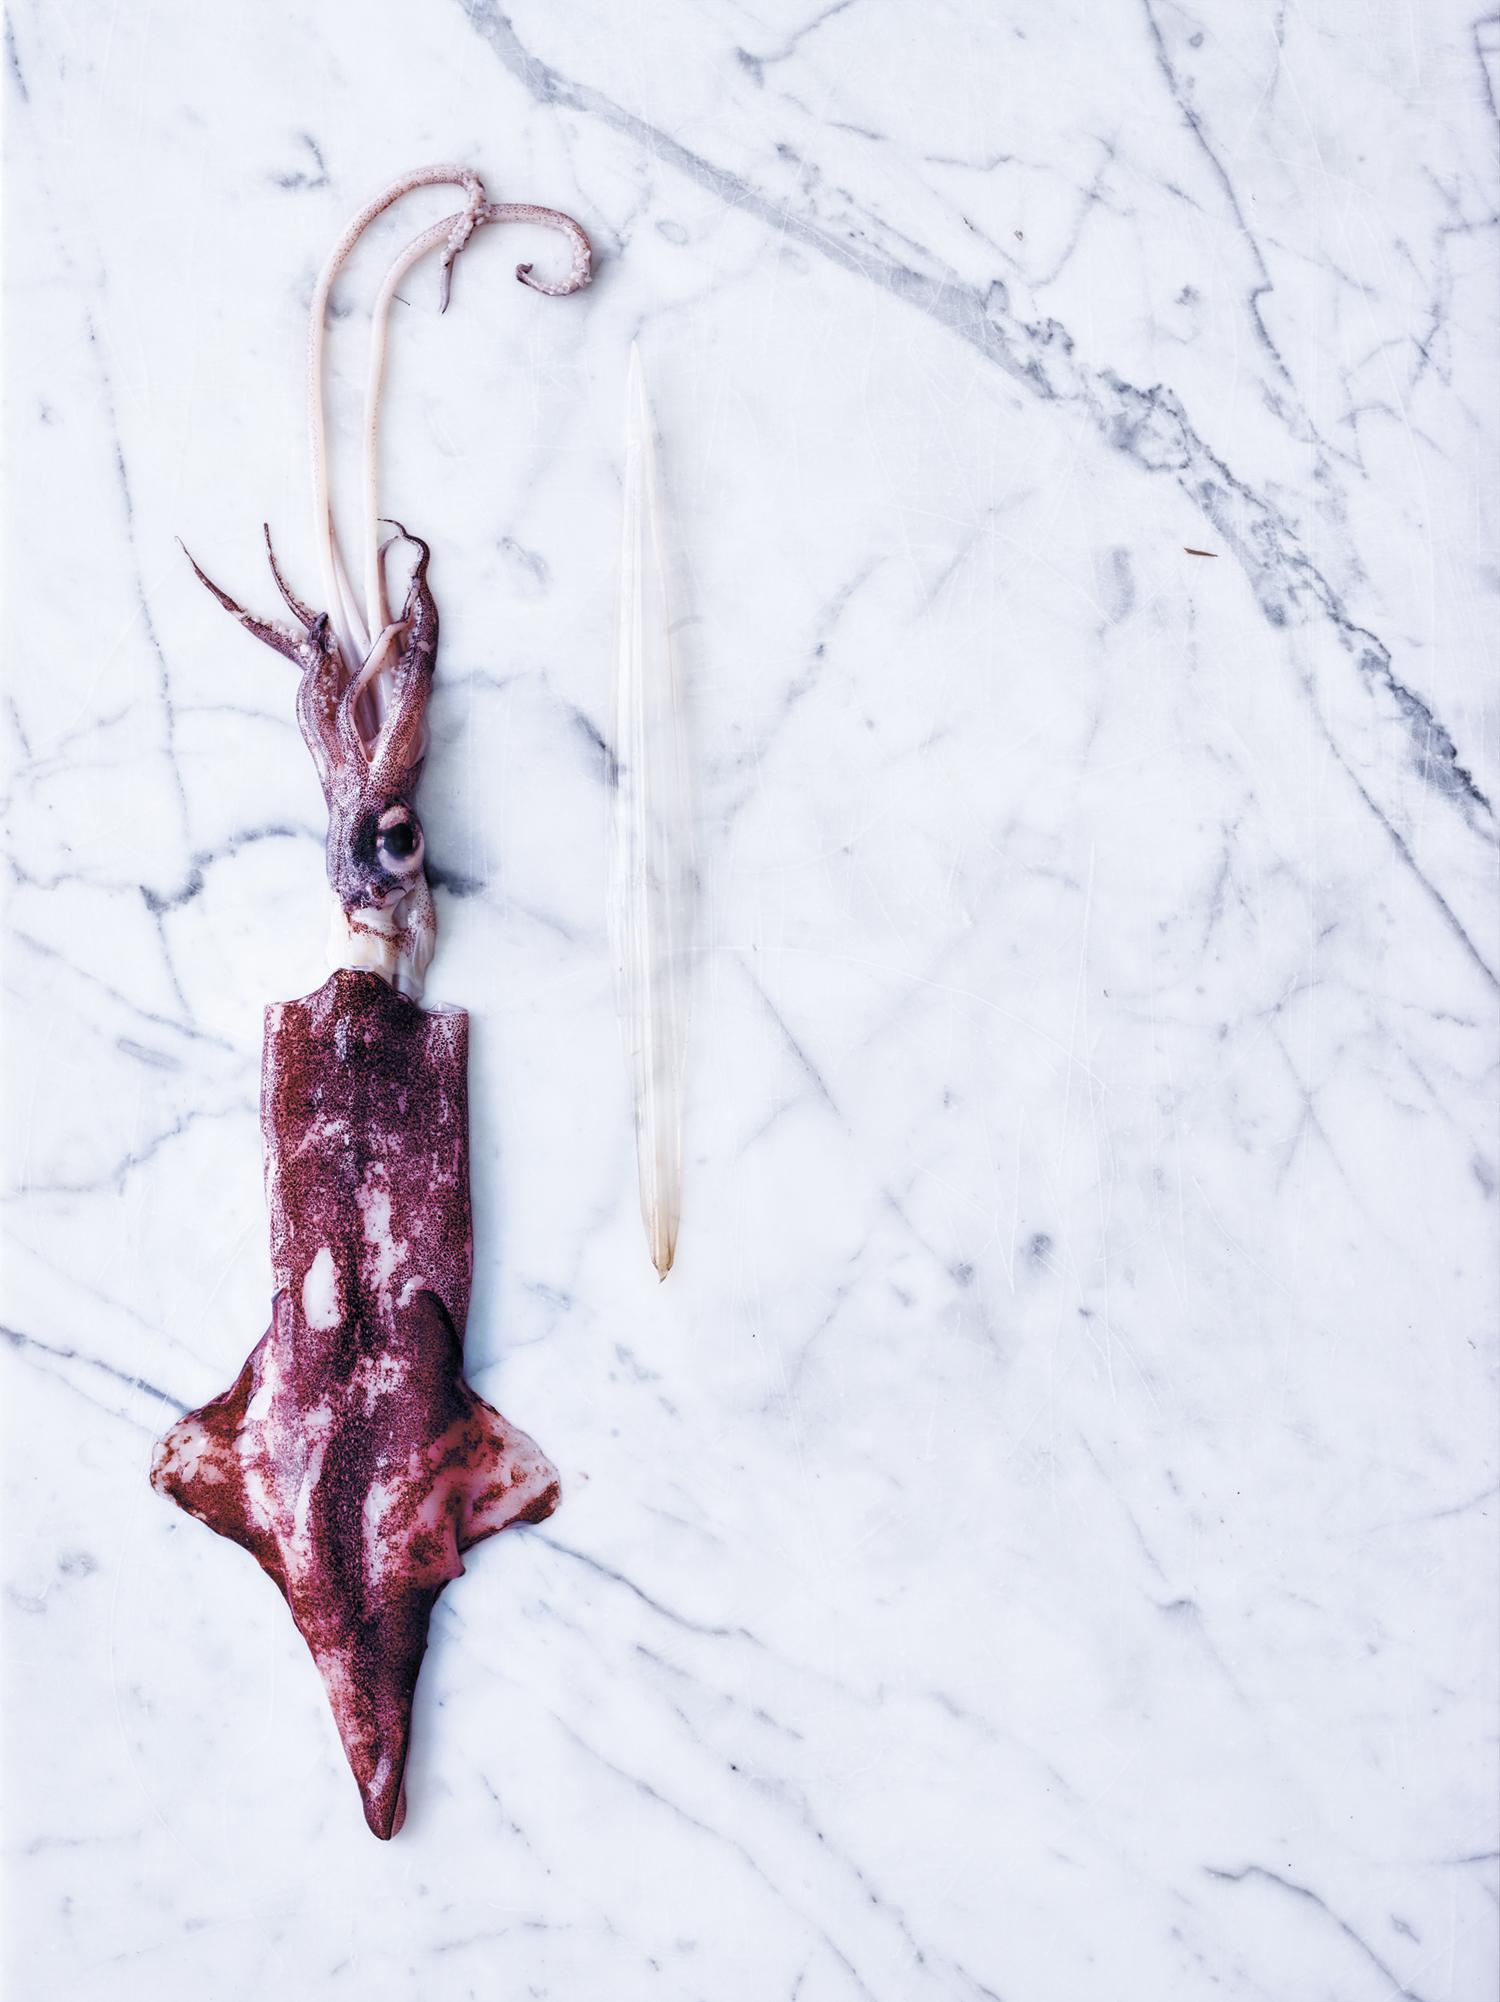 Ryggraden er trukket forsiktig ut av blekkspruten.